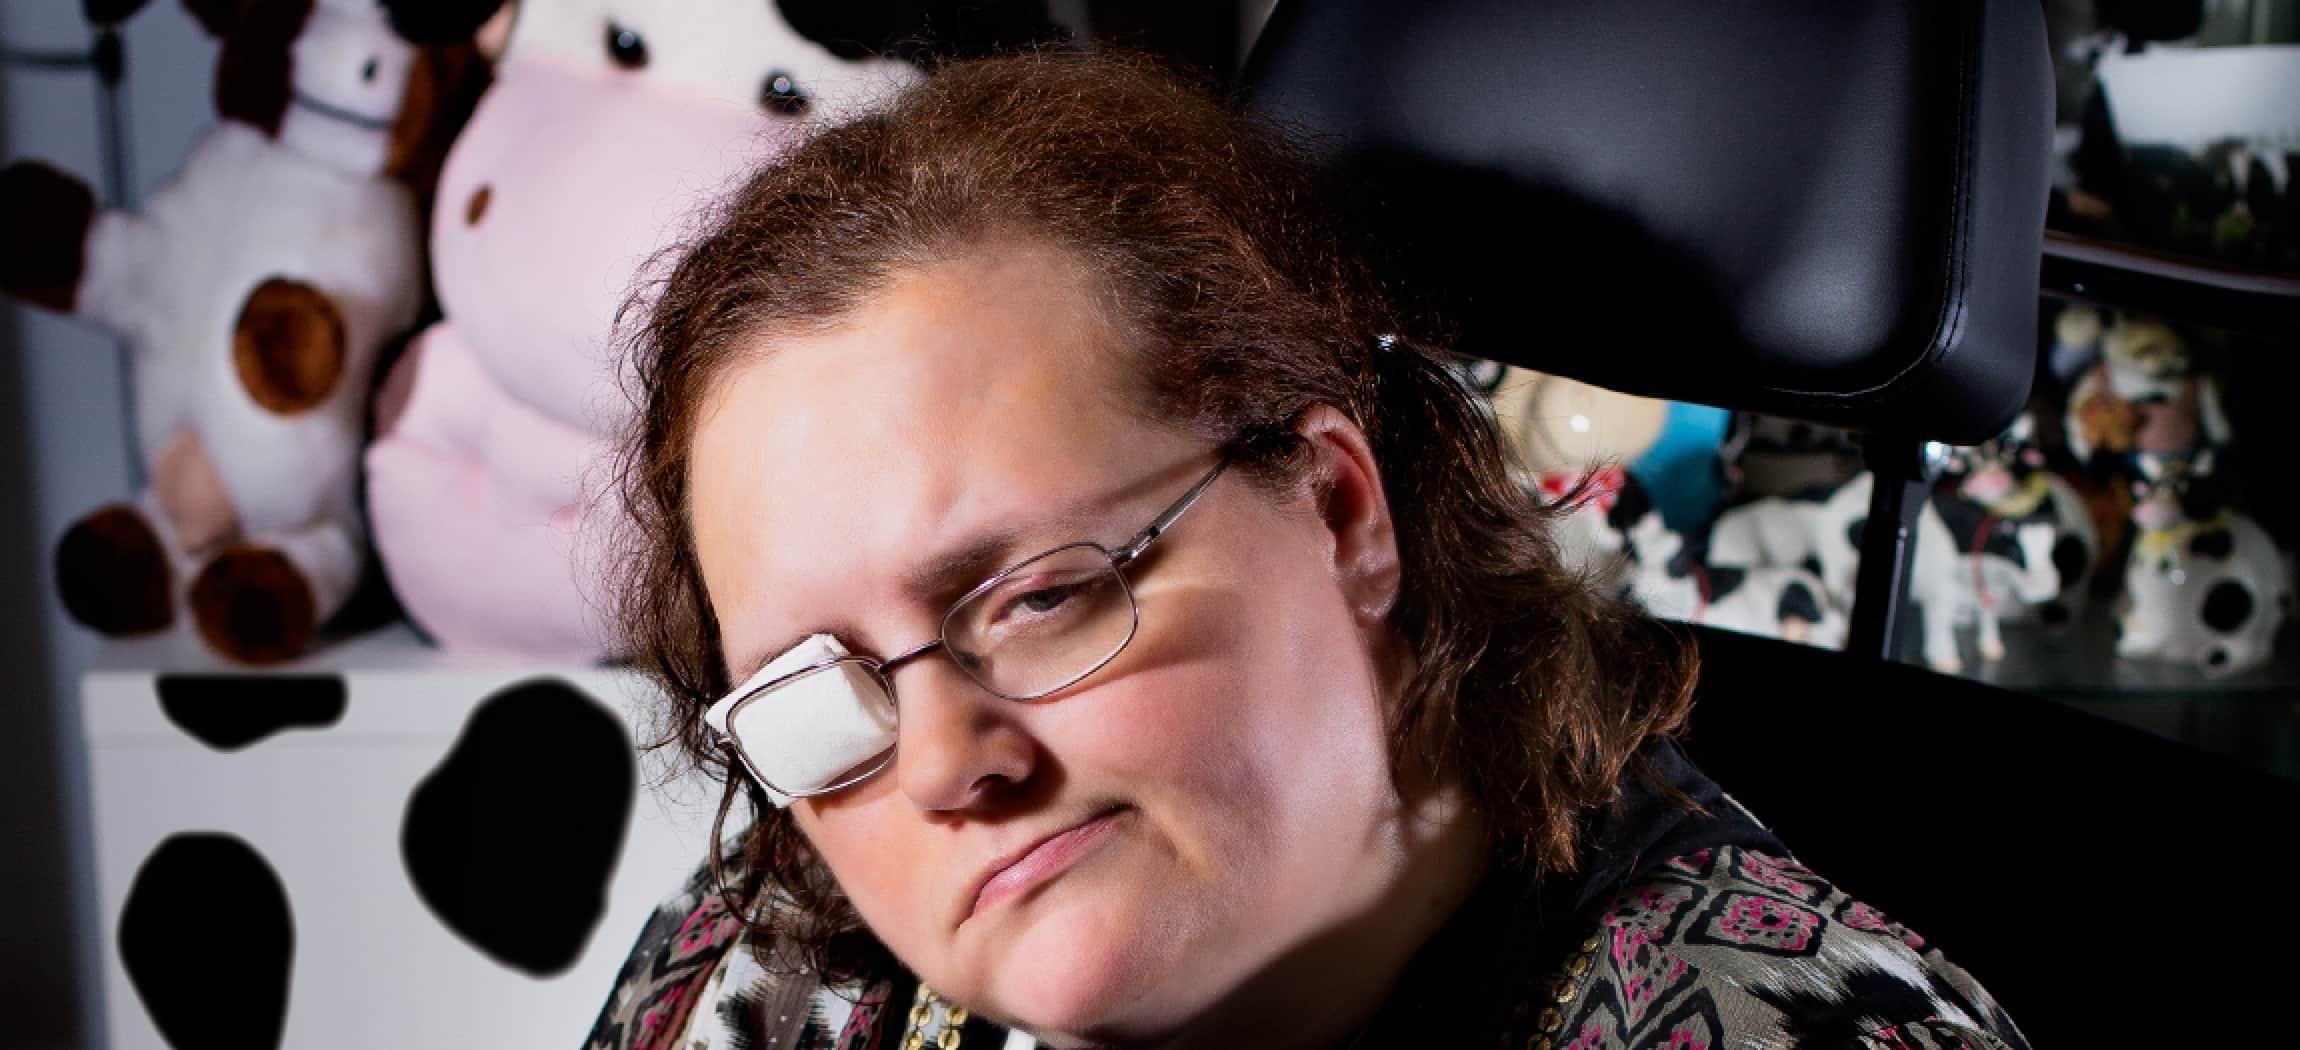 Paula Hilferink woont in Groepswonen Jatopa - uit de serie Mensen van Amstelring